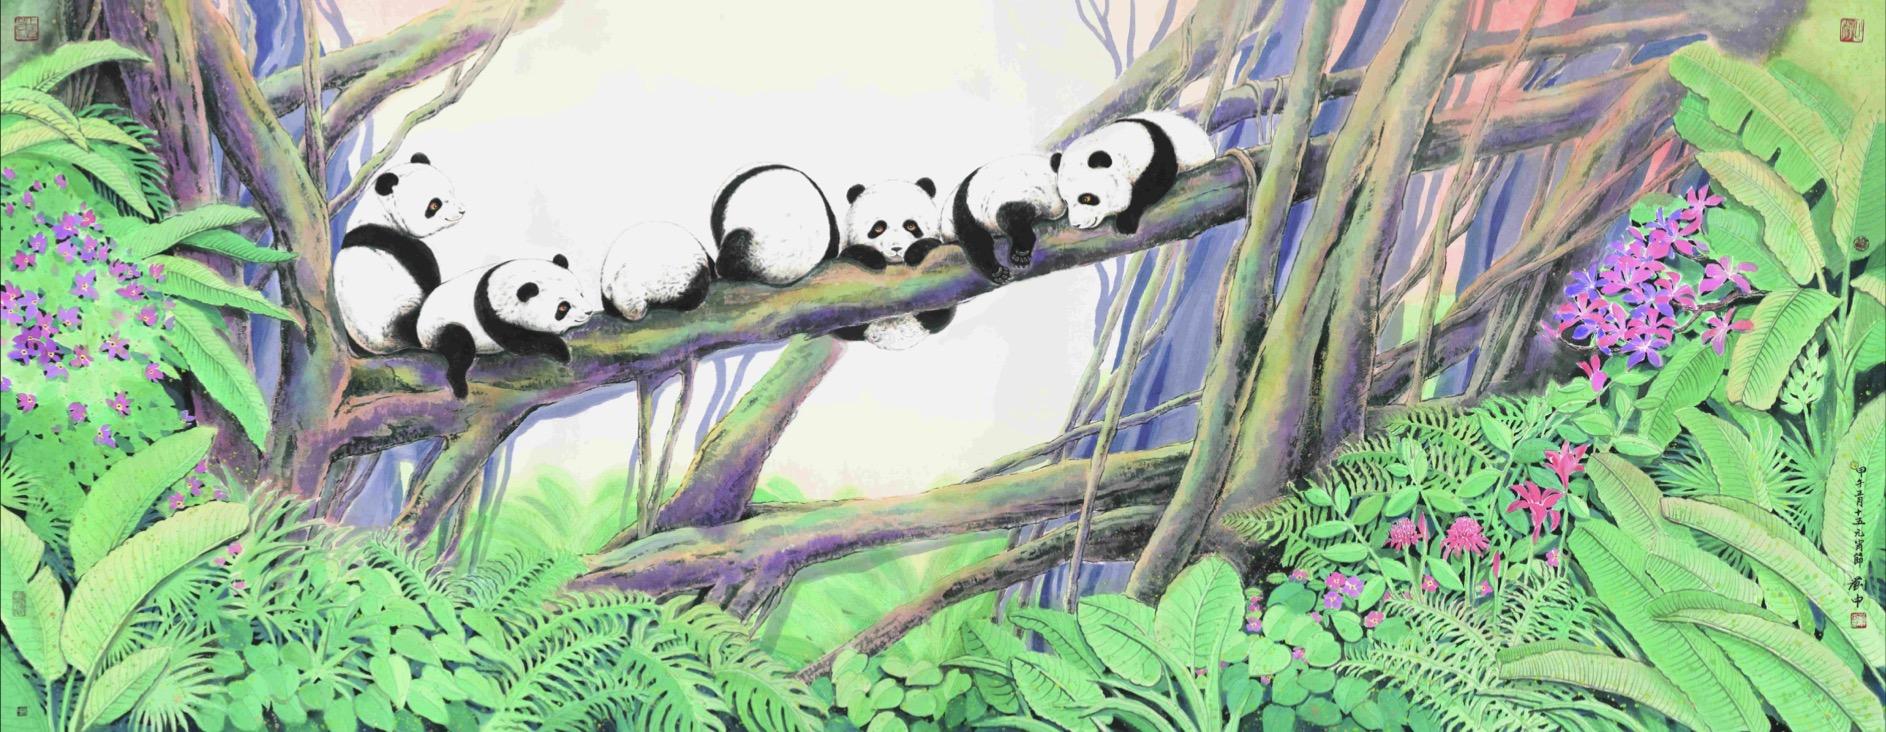 熊猫天堂 Panda's Paradise 2014